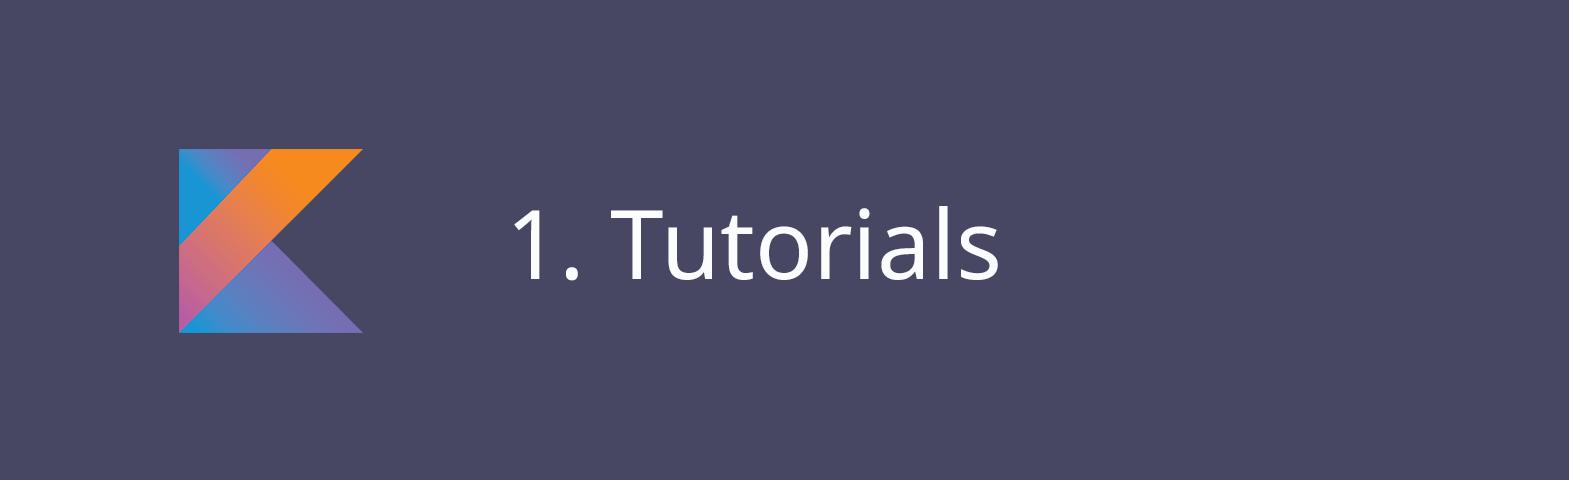 1-kotlin-tutorials.png